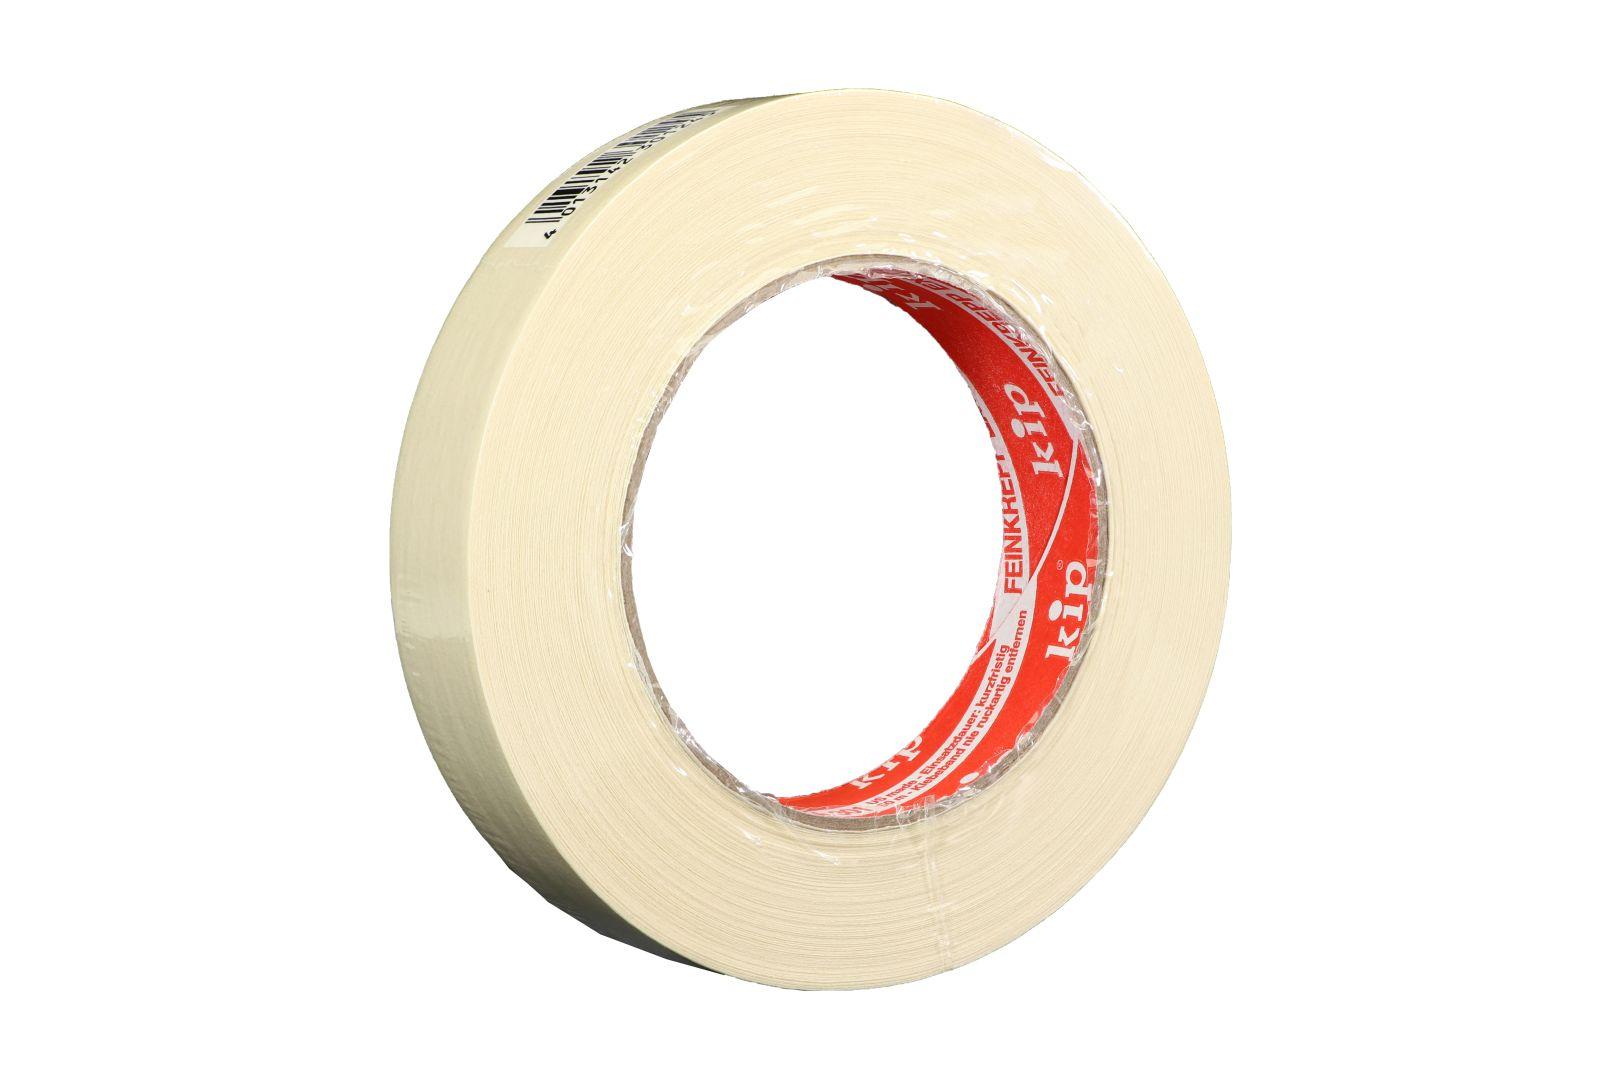 KIP 301-24 Feinkrepp extra, Kreppband, beige, 24 mm x 50 m